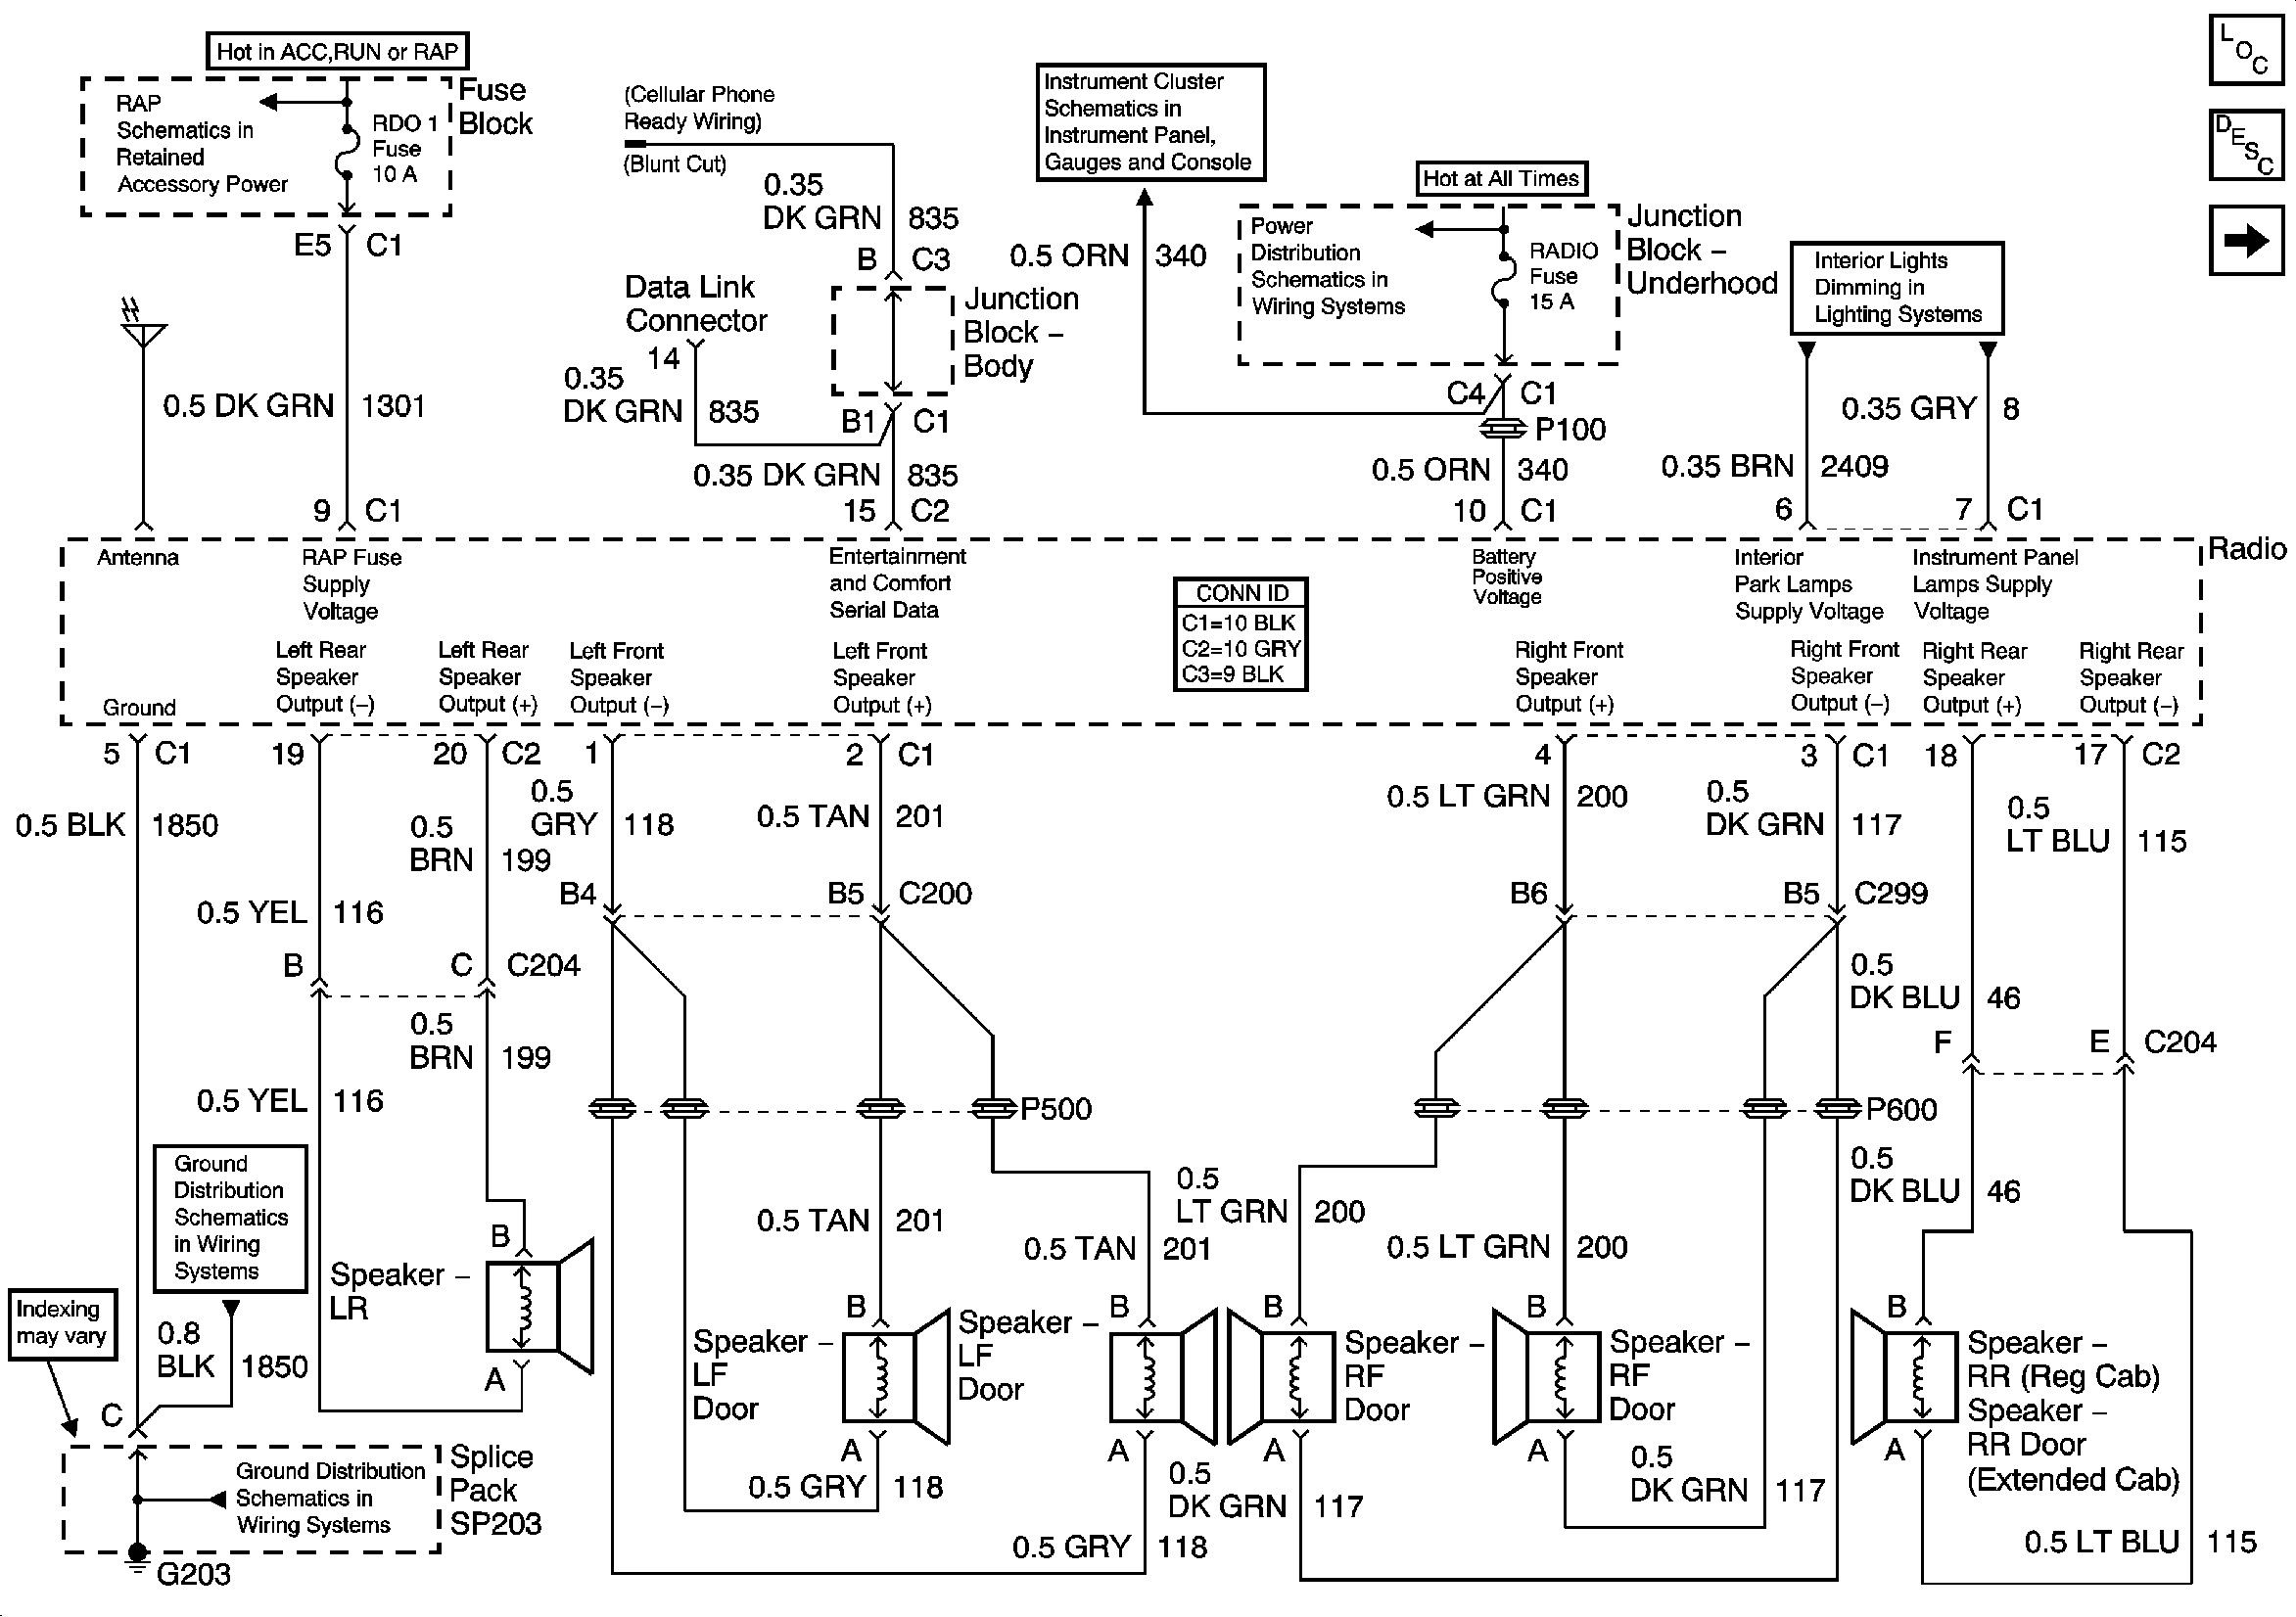 2003 Gmc Envoy Radio Wiring Diagram 2006 Impala To Printable 2002 2004 Chevy Silverado Chevy Silverado Chevy Silverado 1500